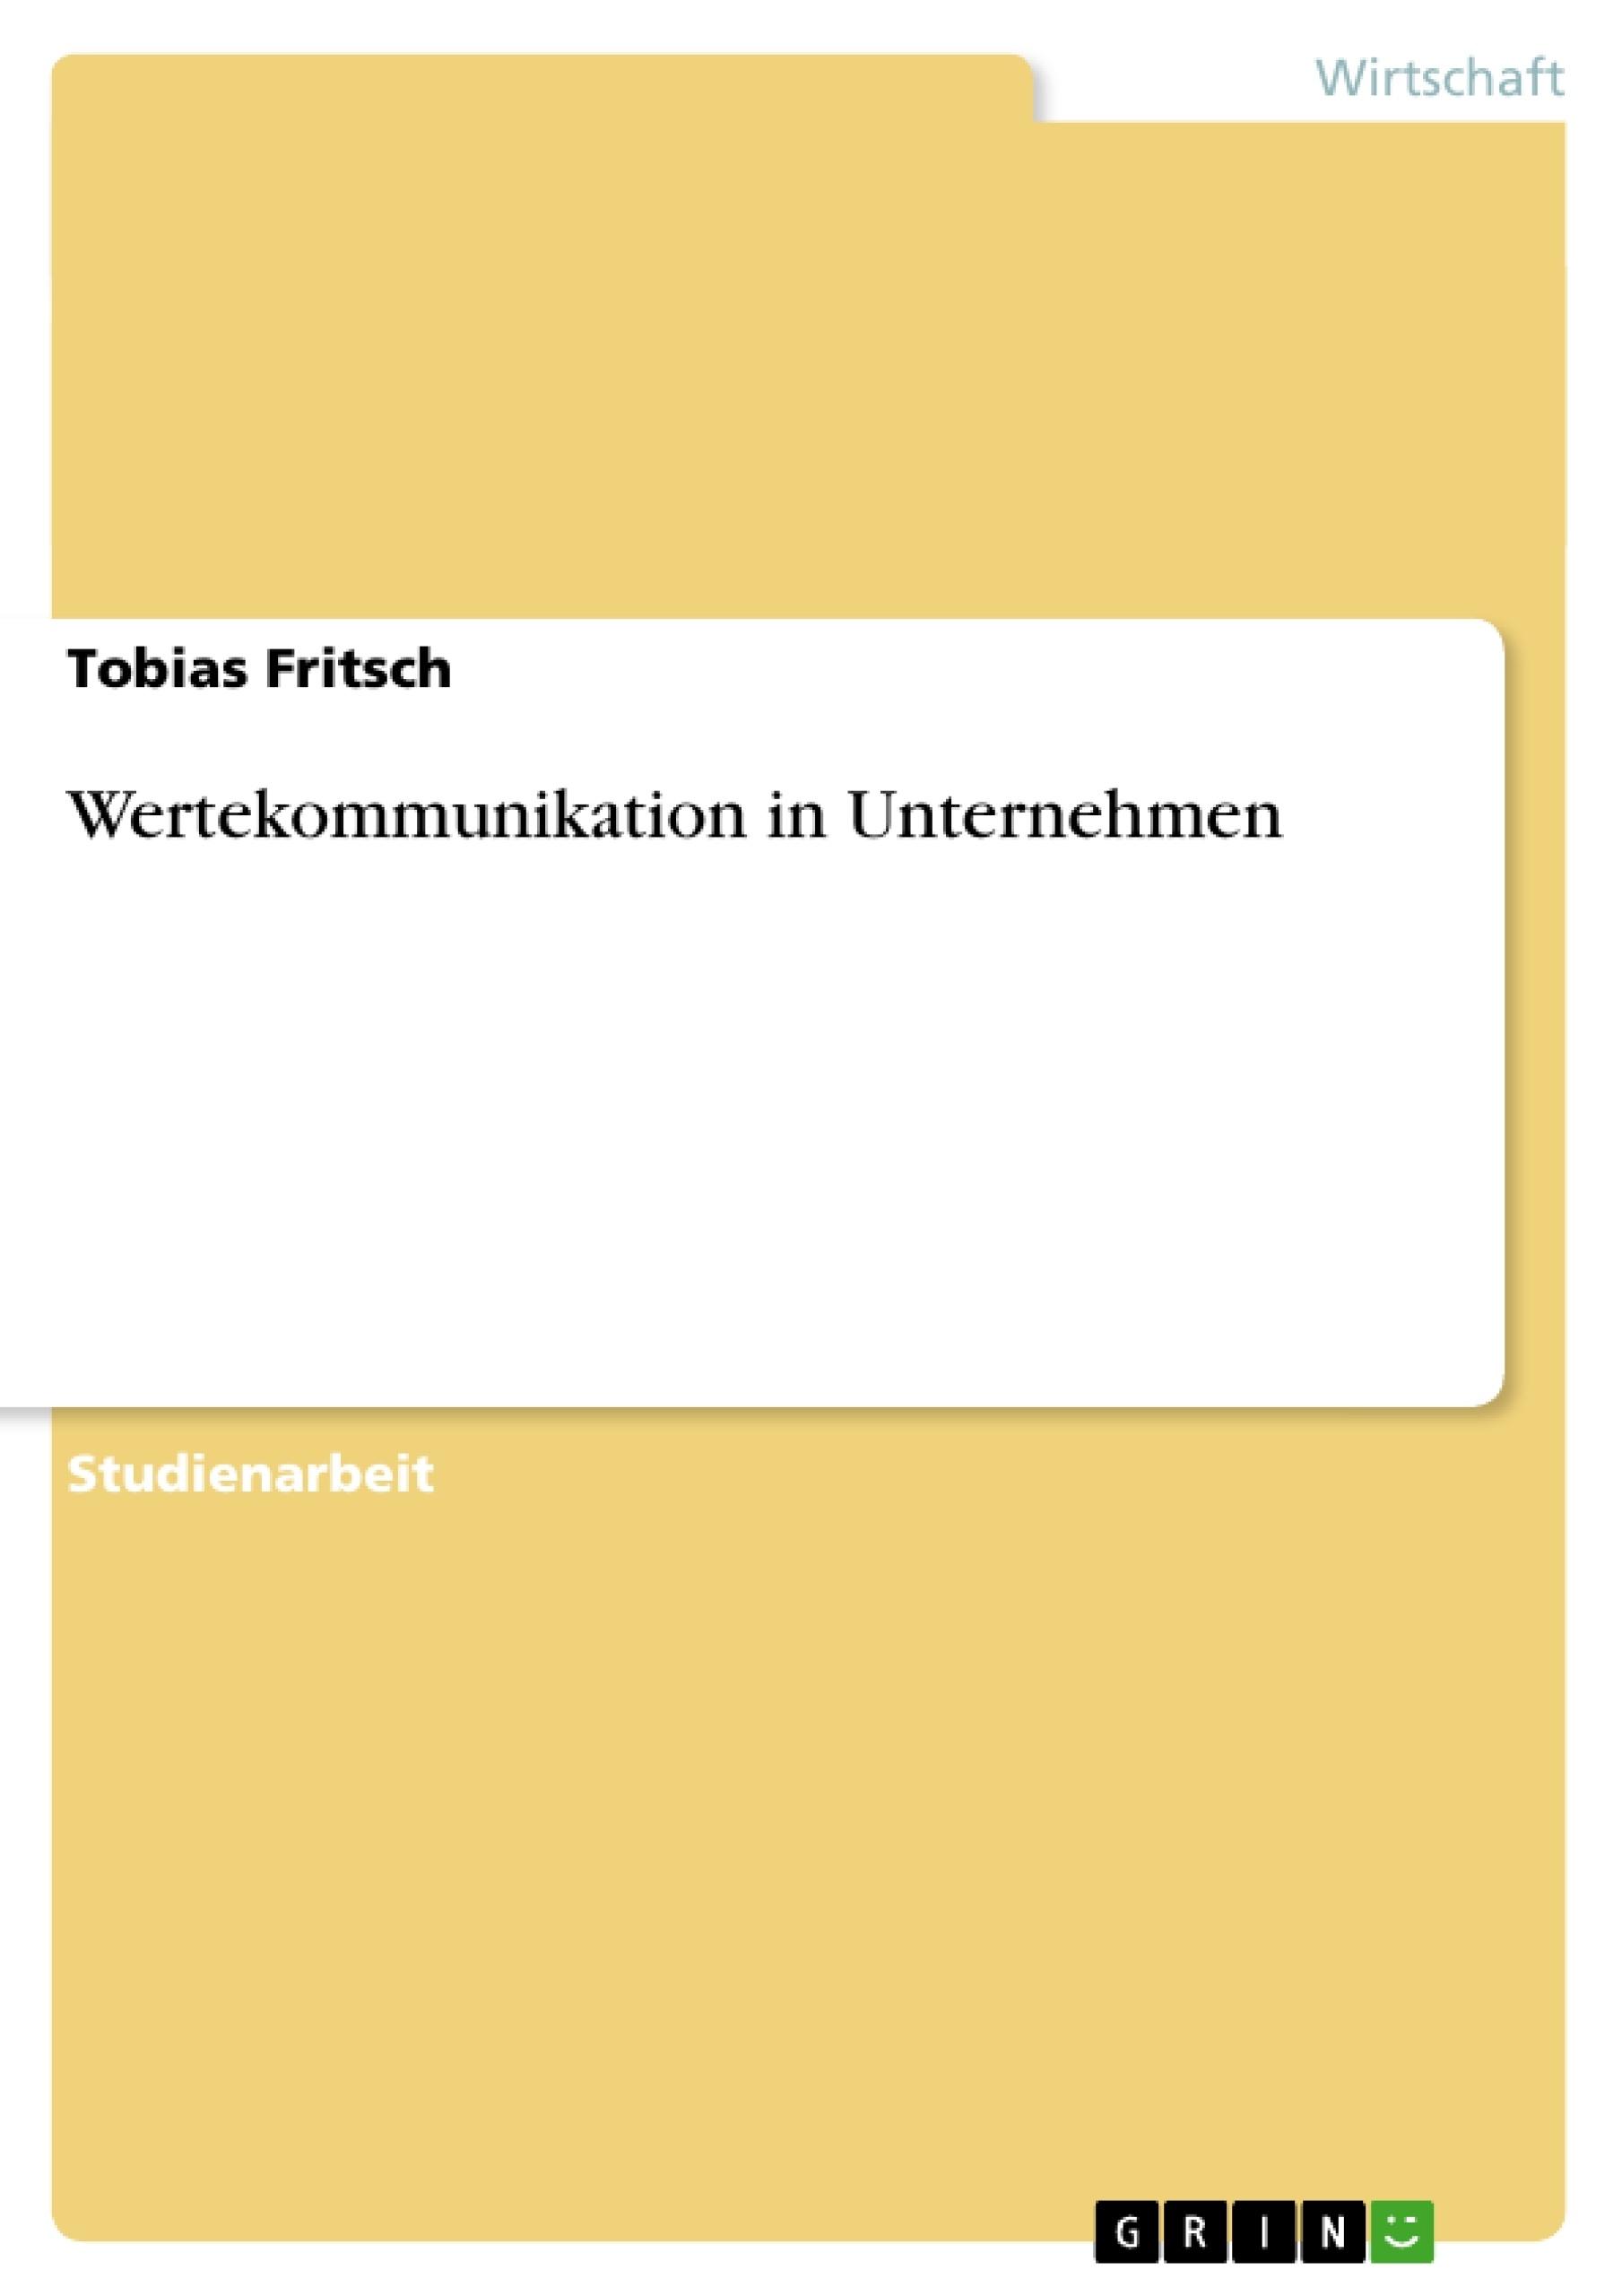 Titel: Wertekommunikation in Unternehmen